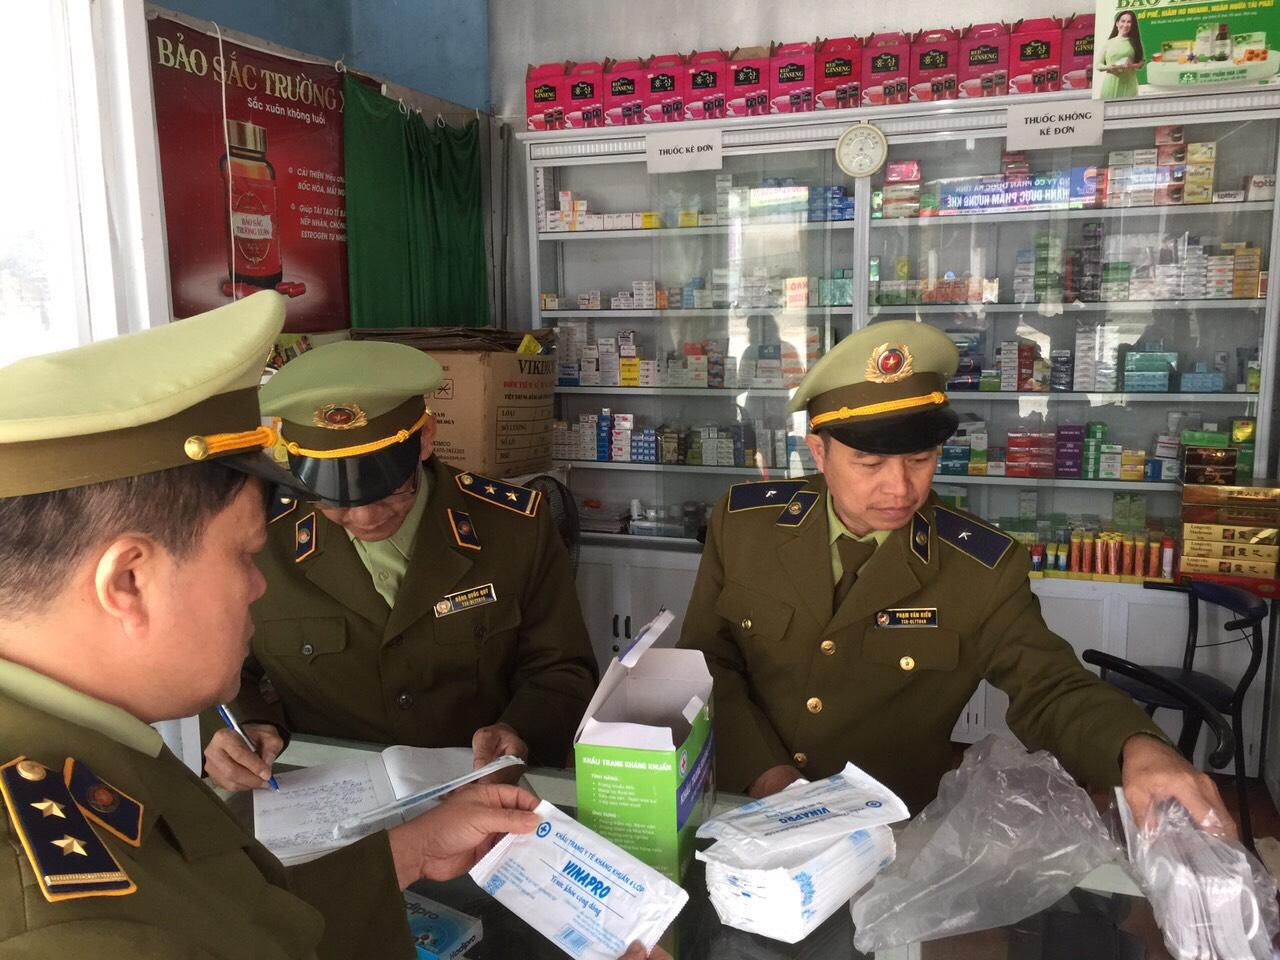 Nhiều cơ sở kinh doanh khẩu trang, nước sát khuẩn bị phạt vì vi phạm niêm yết mức giá bán, xuất xứ hàng hoá không rõ ràng chỉ trong vòng một ngày.